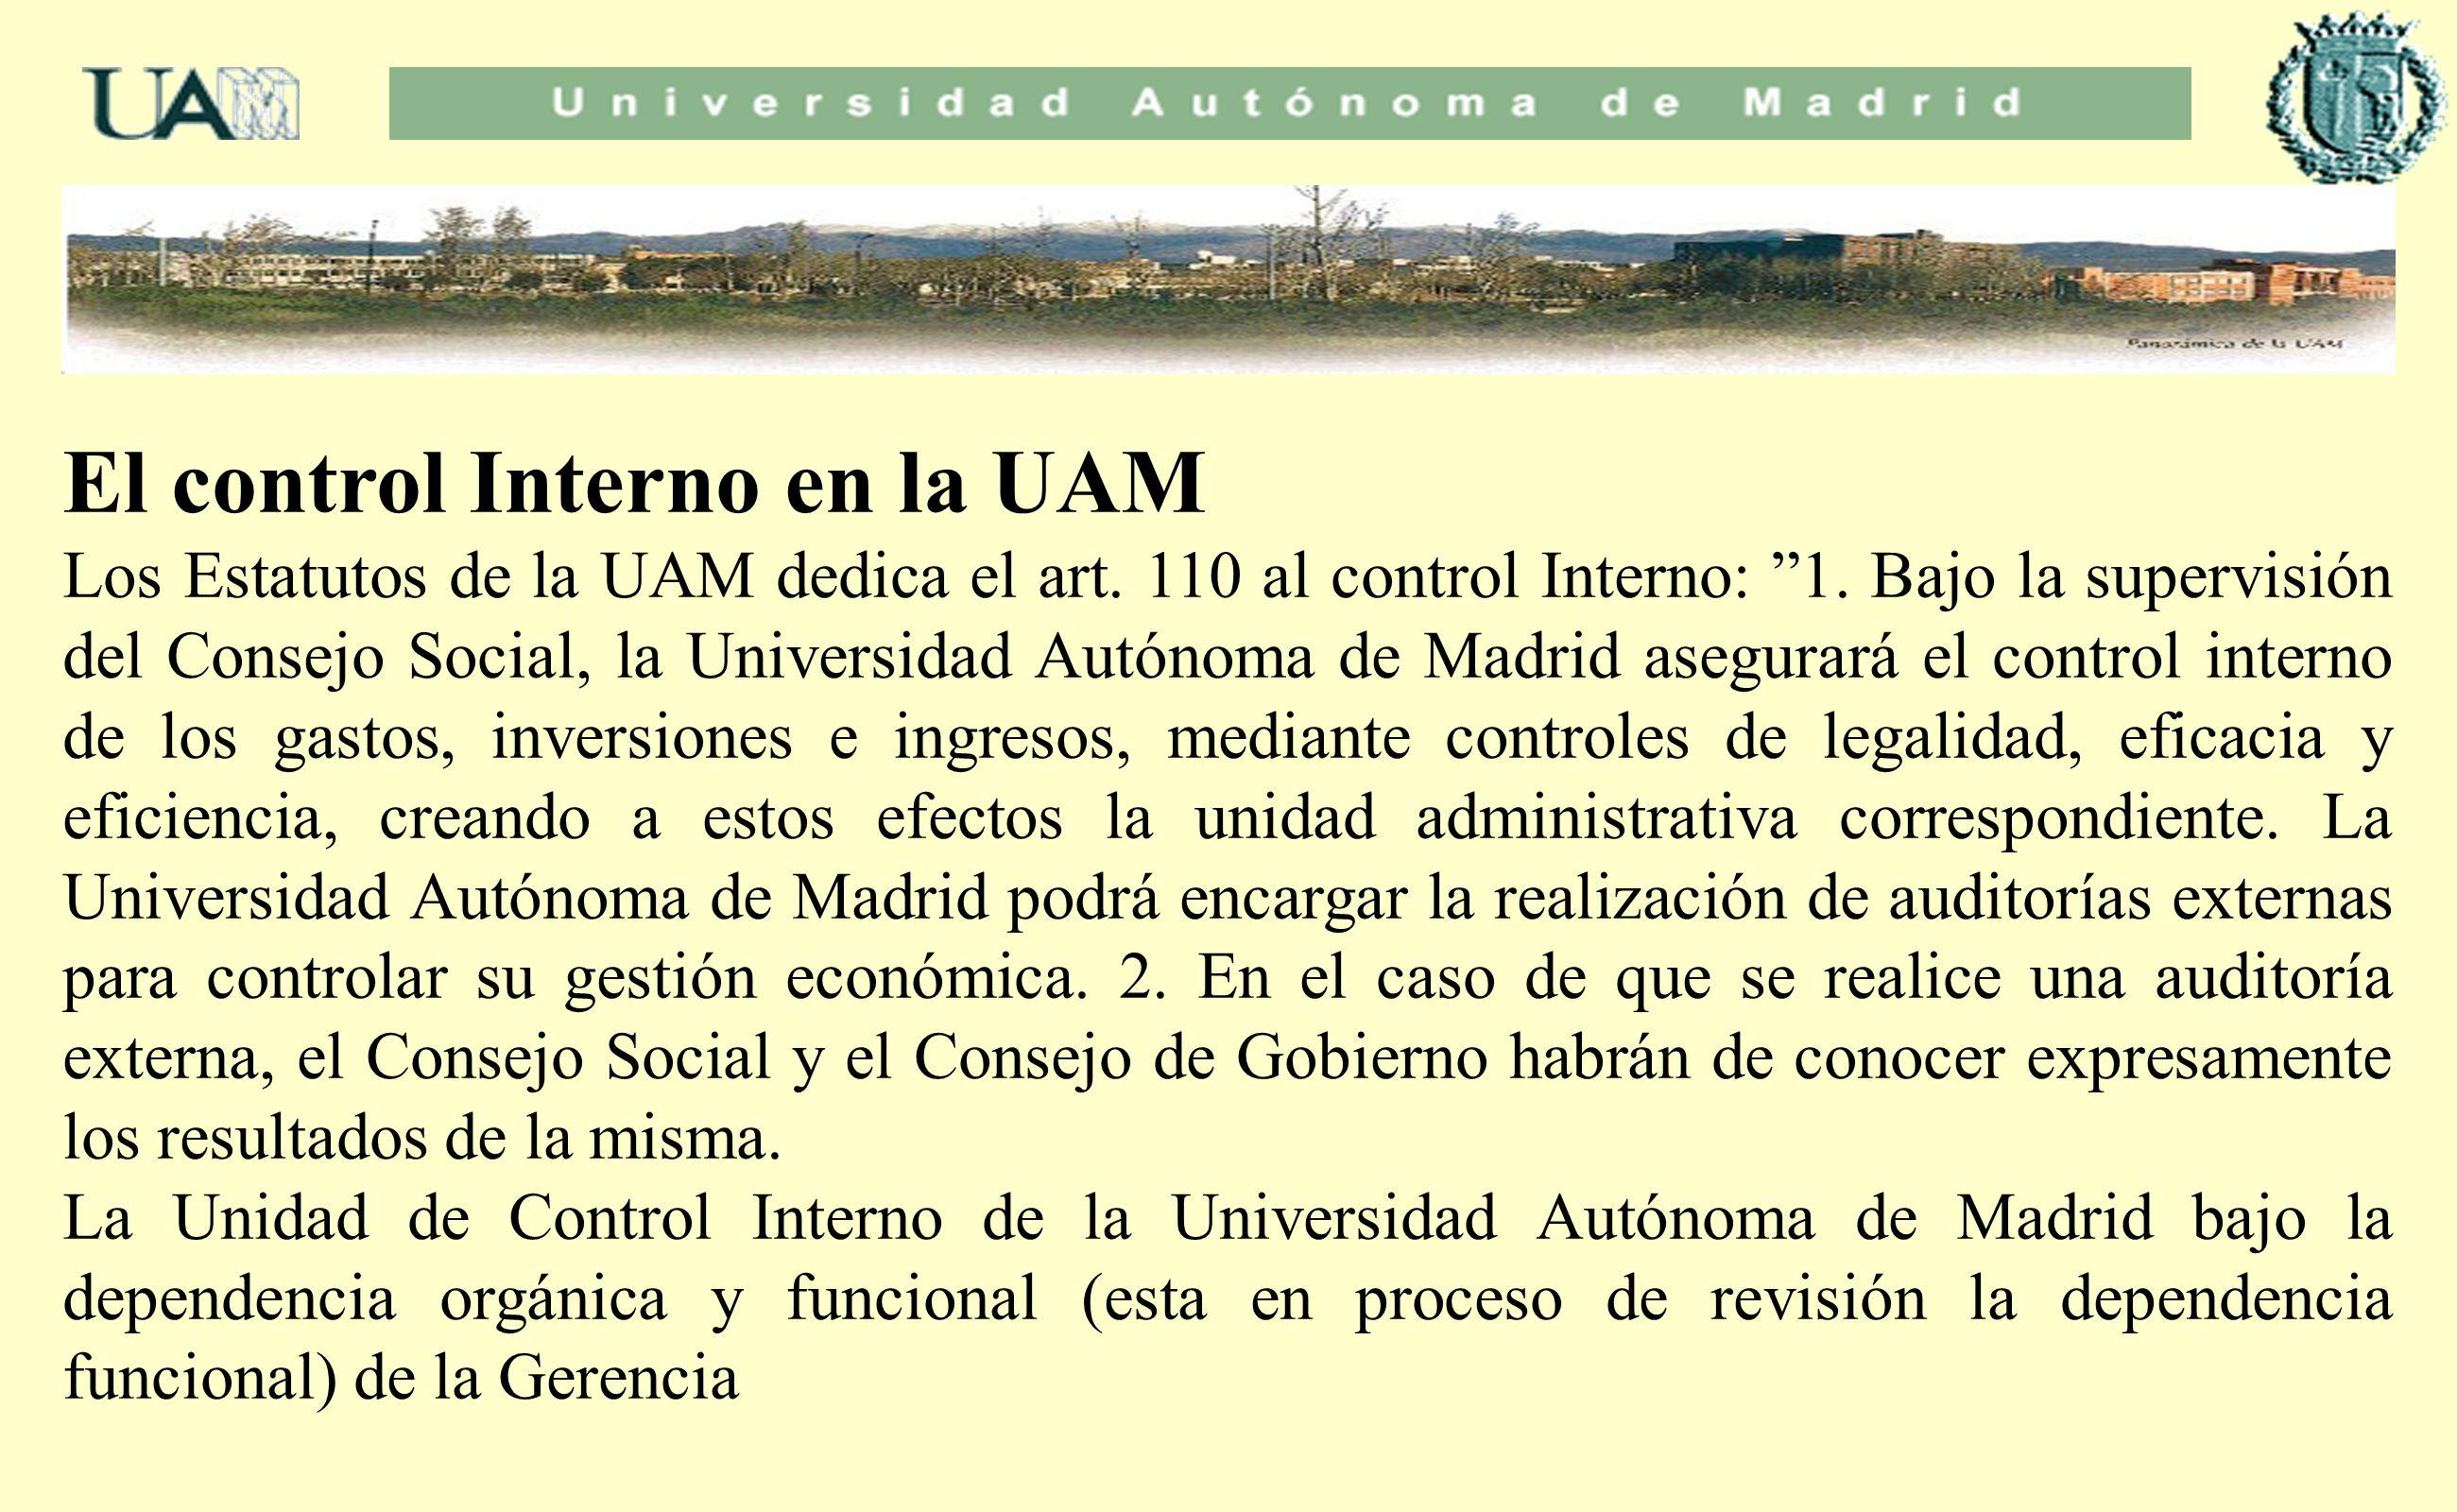 El control Interno en la UAM Los Estatutos de la UAM dedica el art. 110 al control Interno: 1. Bajo la supervisión del Consejo Social, la Universidad